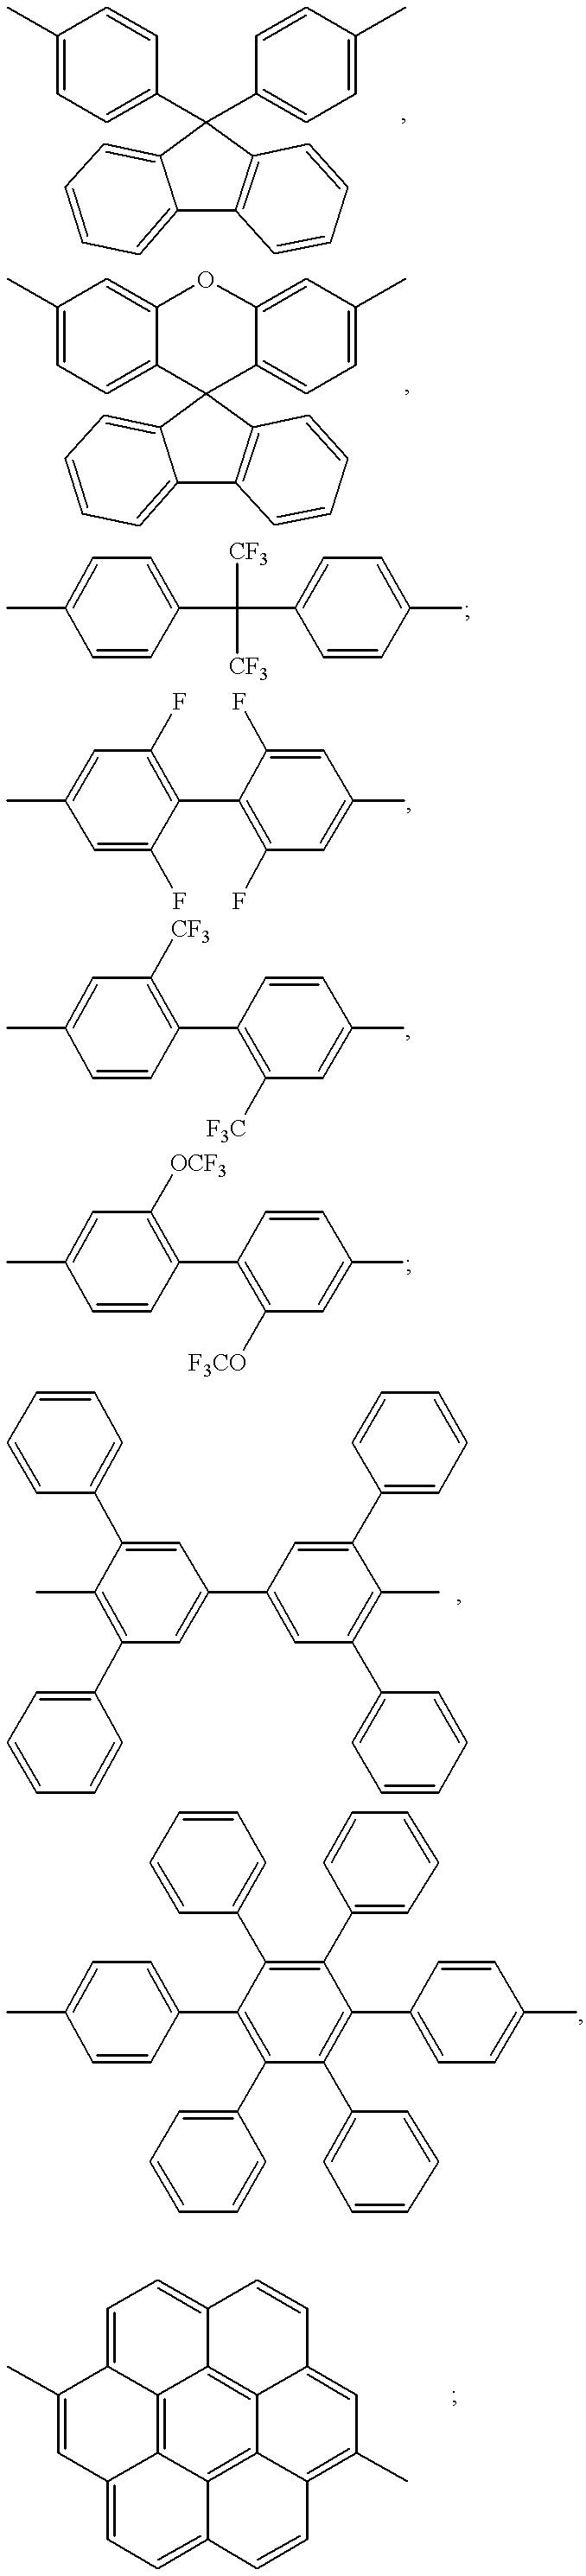 Figure US06207555-20010327-C00003